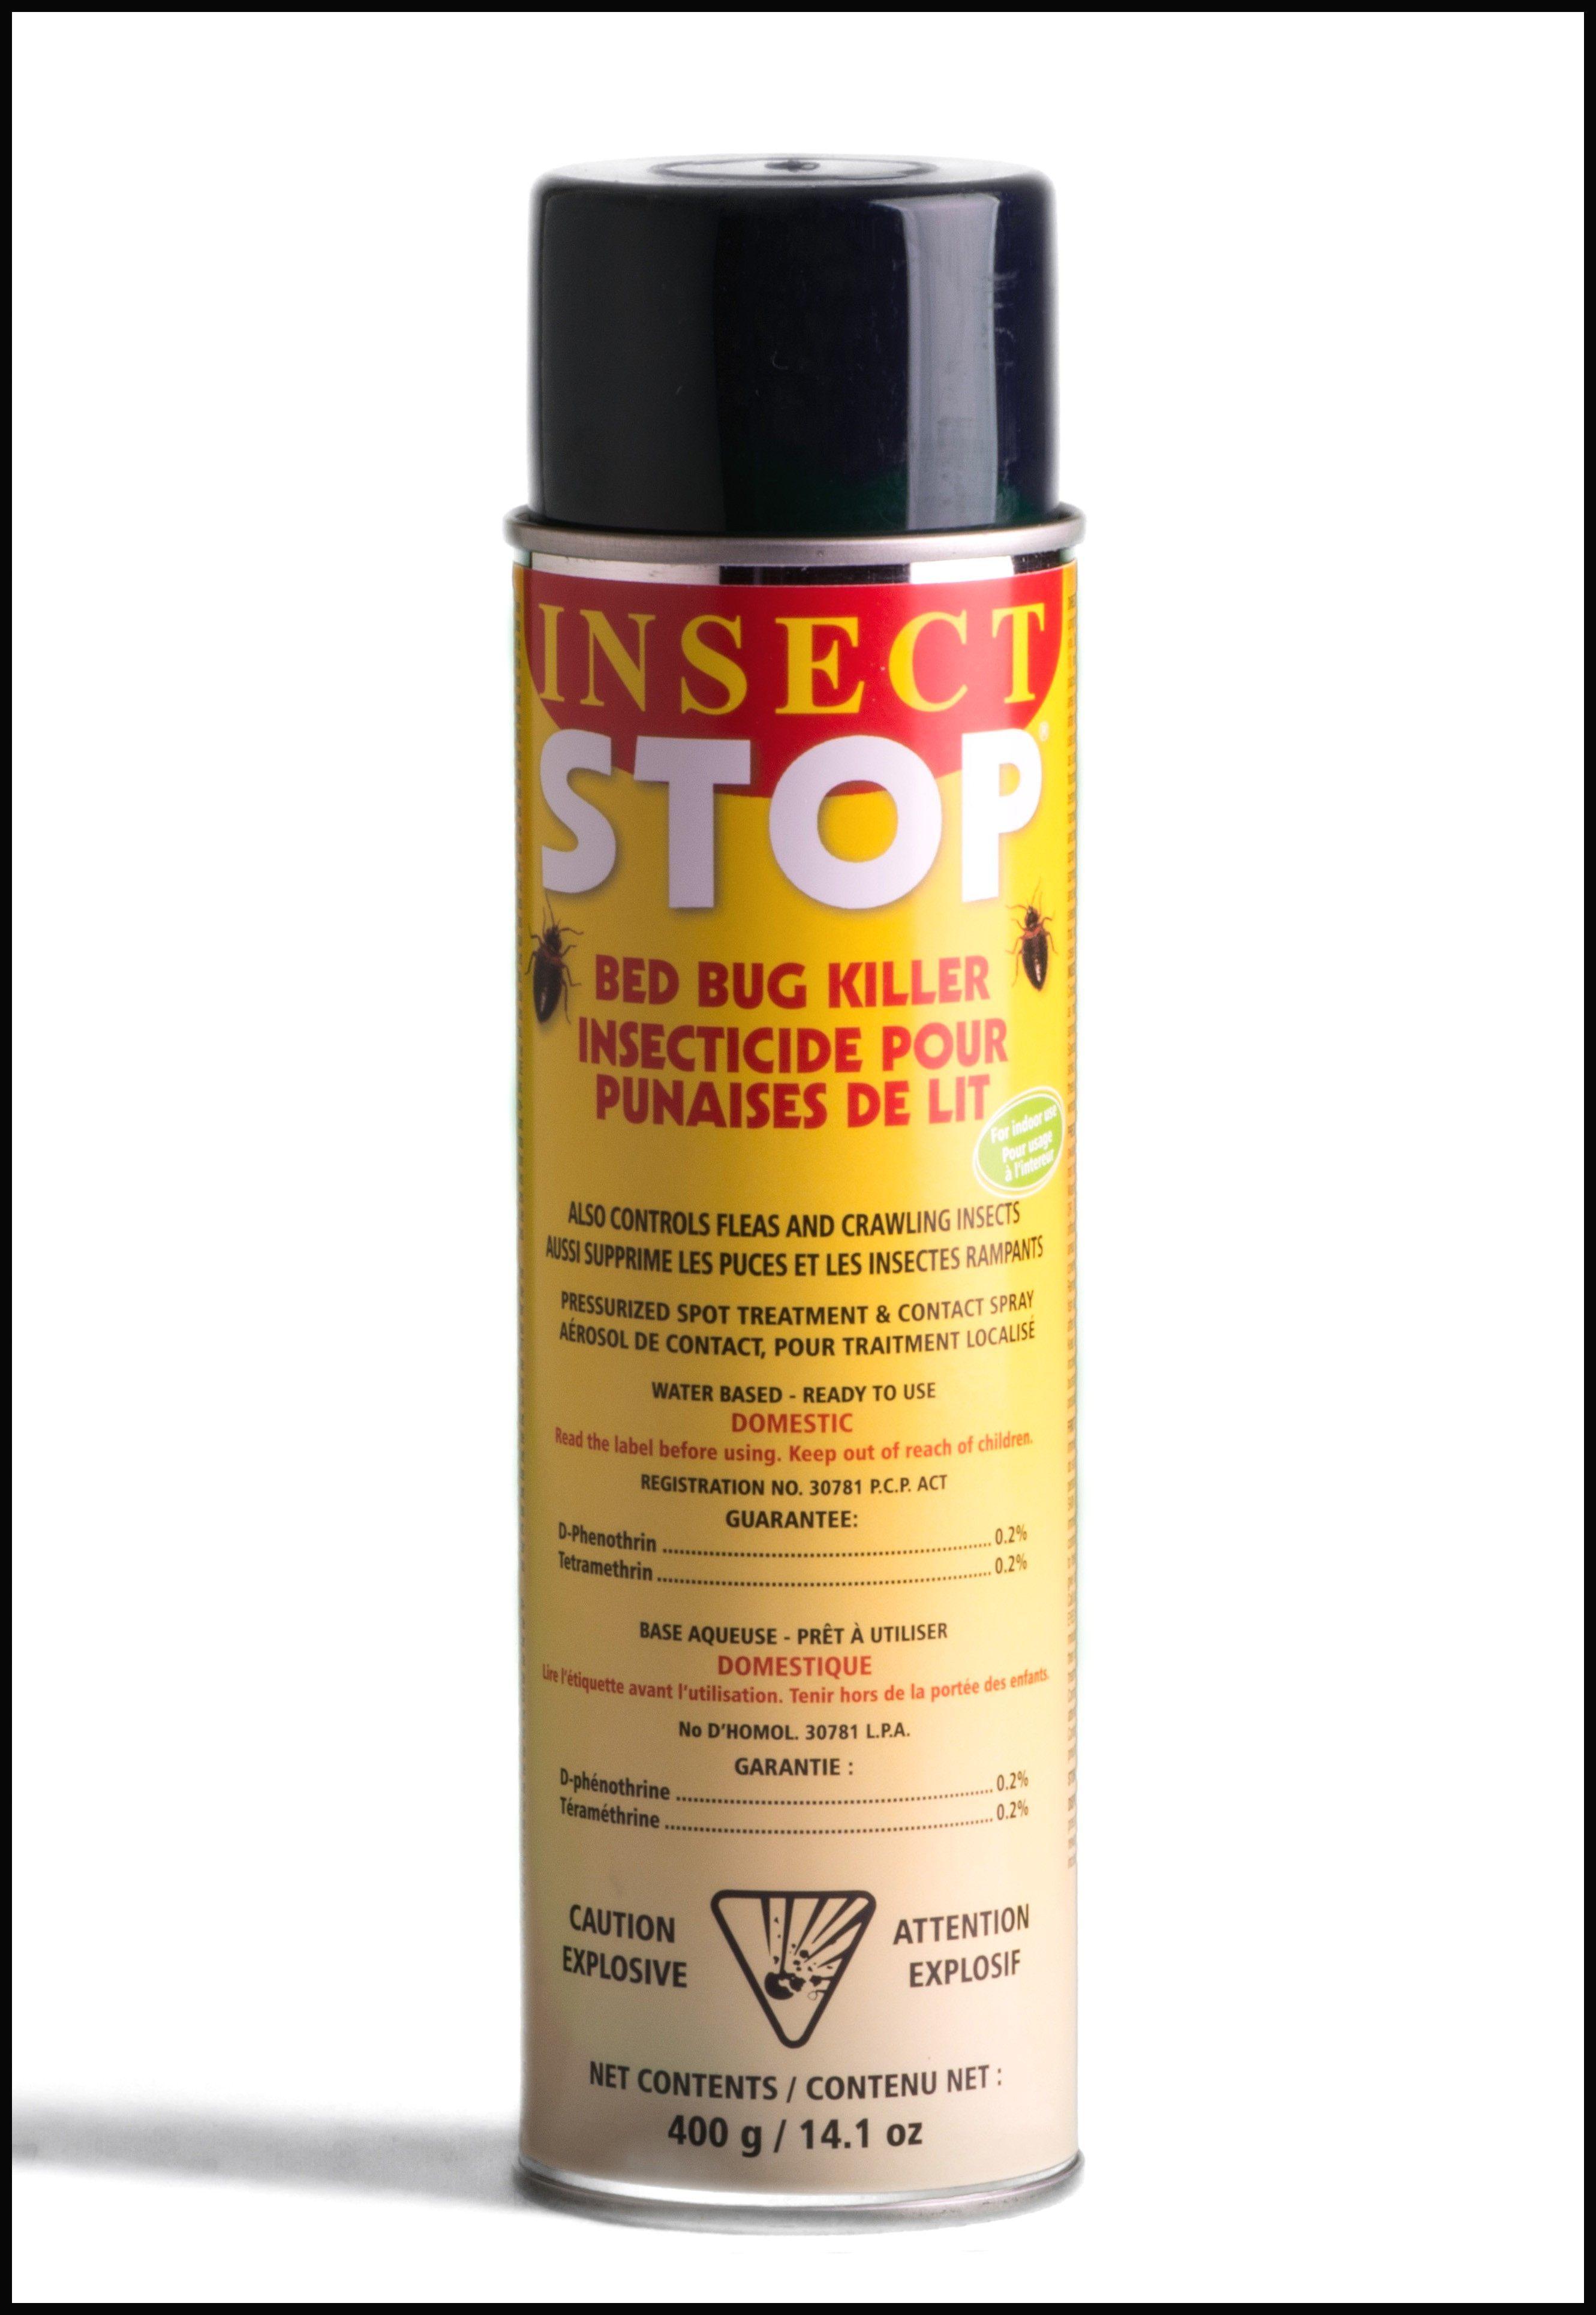 Symptome Punaise De Lit Élégant Insecticide Punaise De Lit Pharmacie Les Punaises De Lit